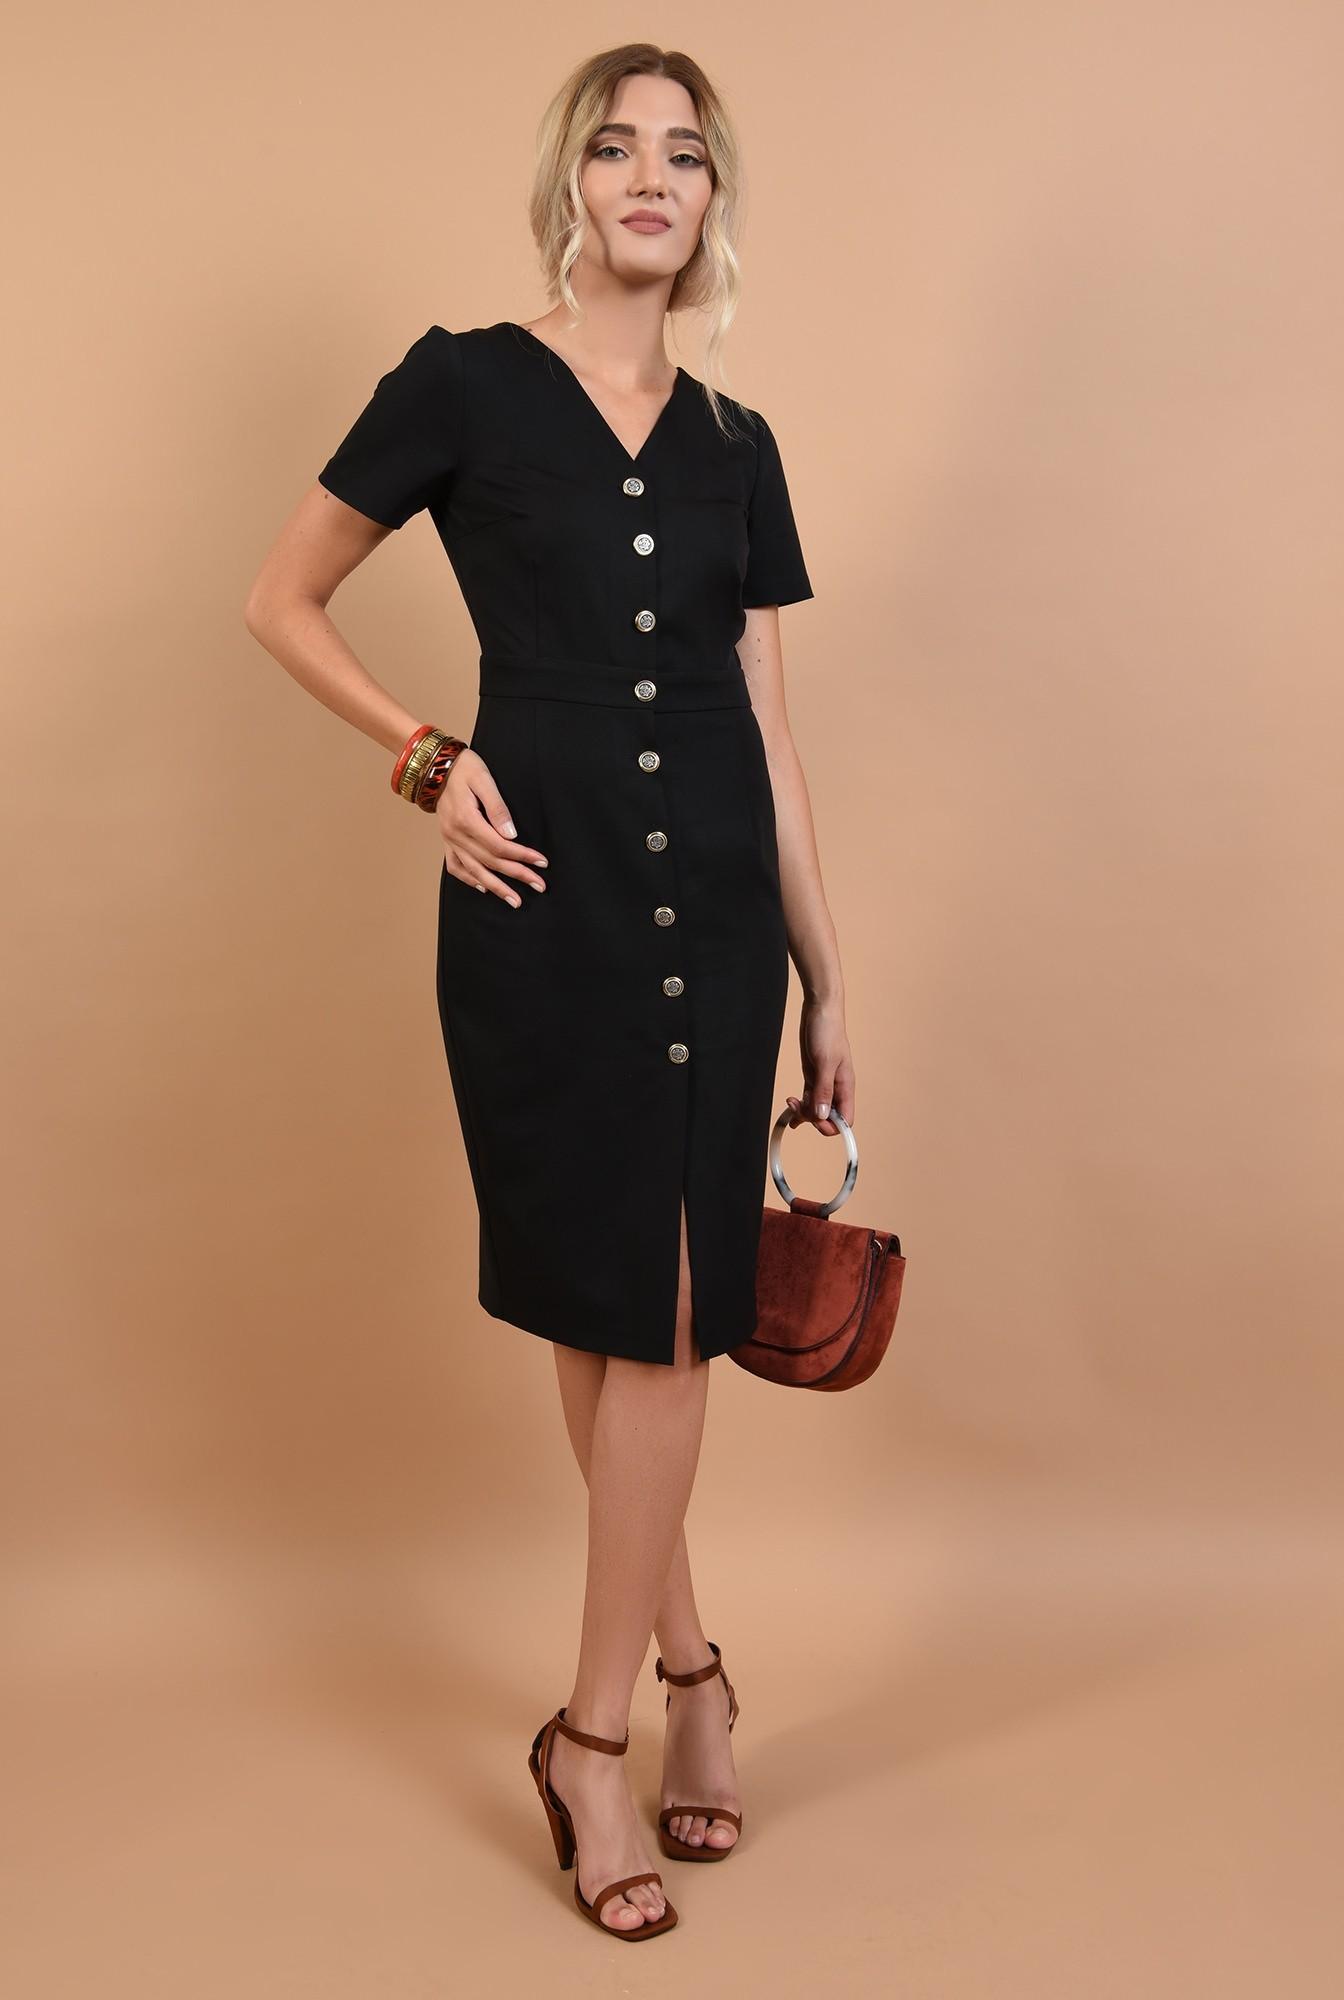 3 - 360 - rochie neagra, cu nasturi, anchior, maneci scurte, office